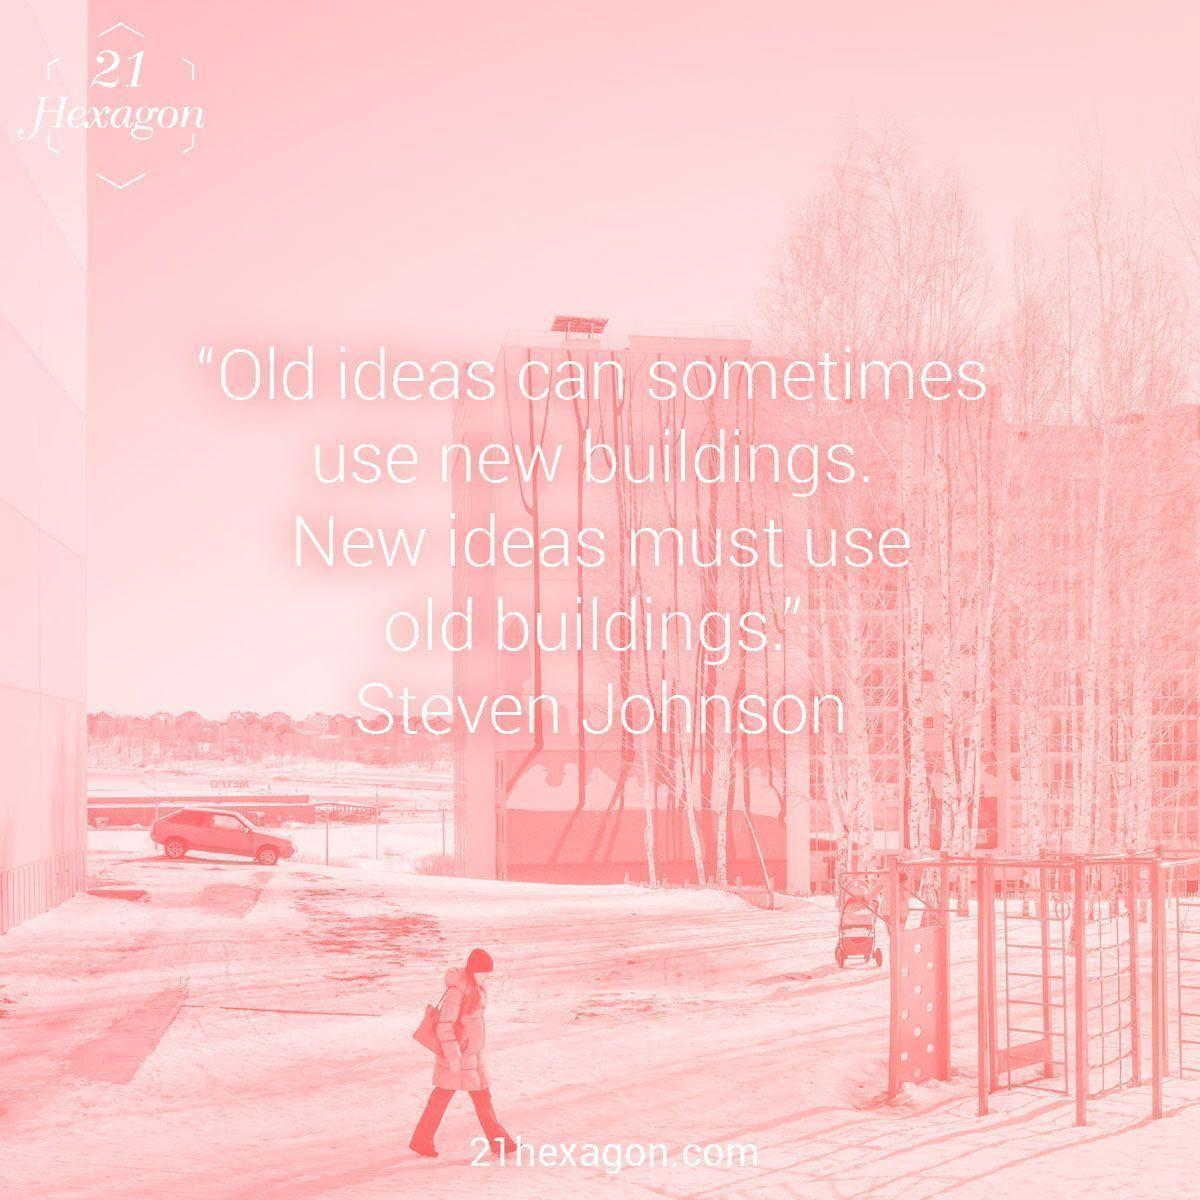 quotes_21hexagon_51.jpg